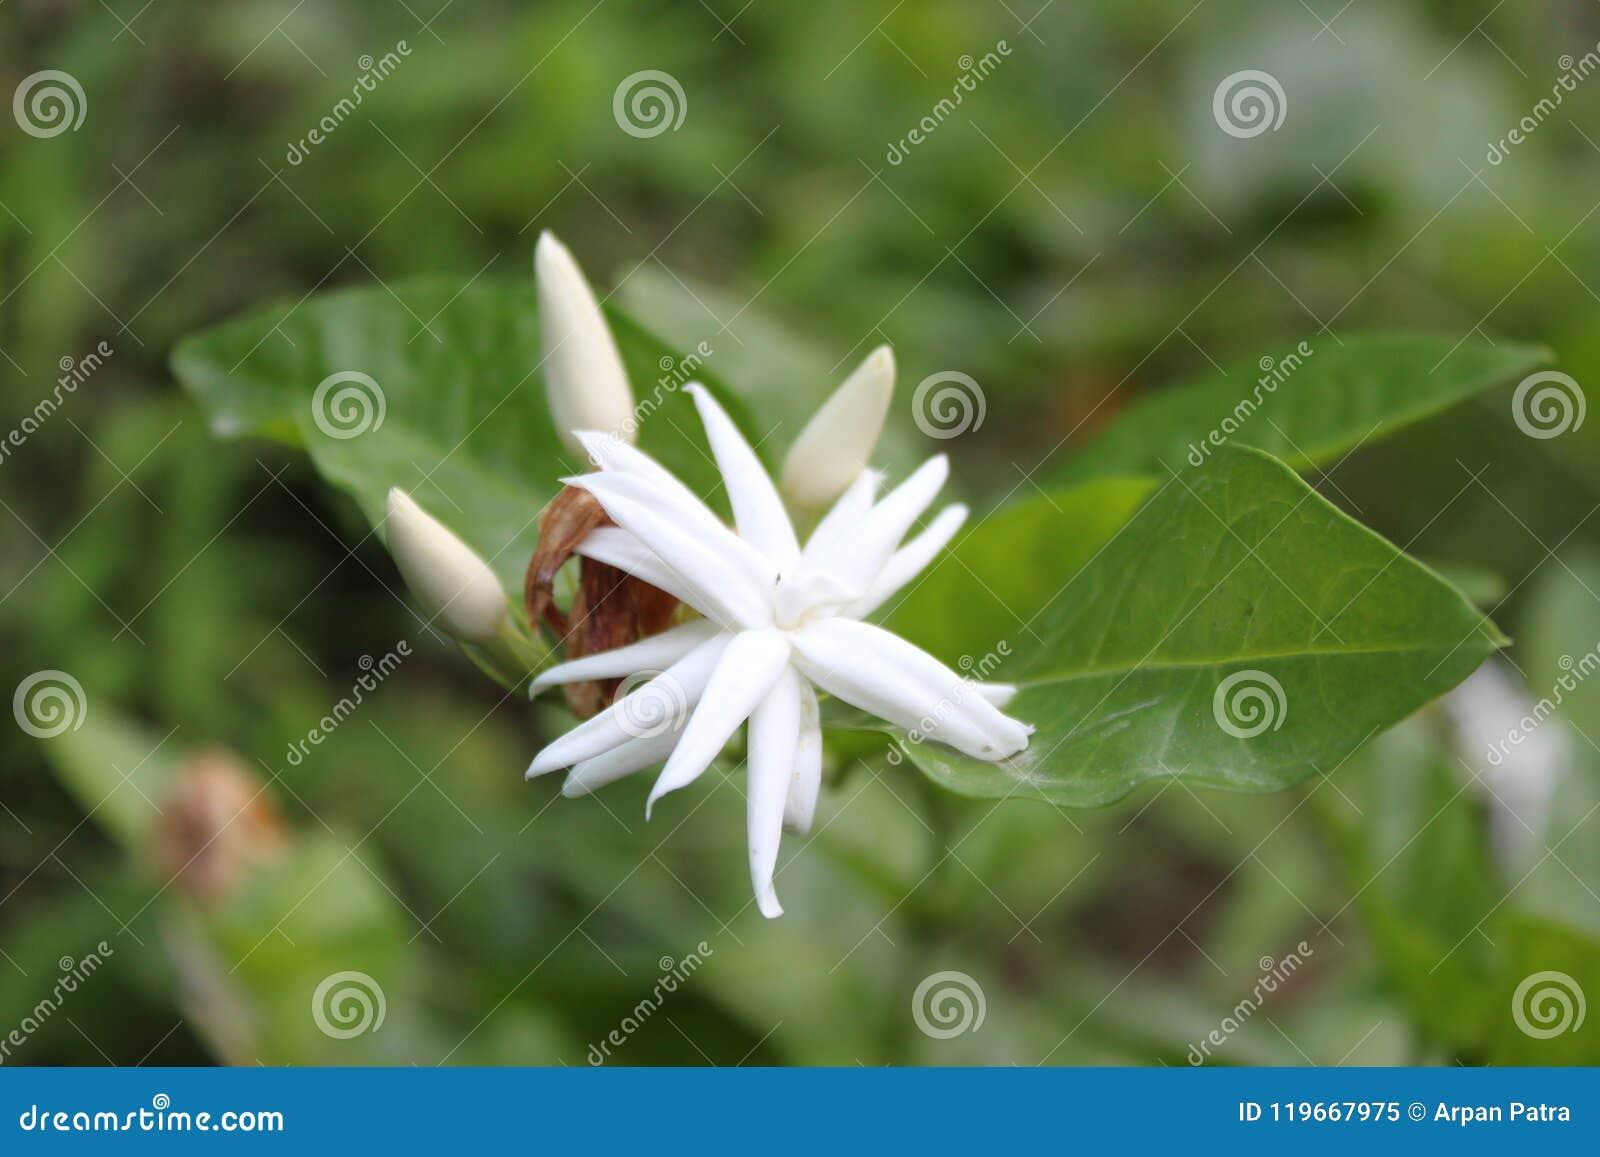 Photo Bonjour De Fleur De Jasmin Image Stock Image Du Normal